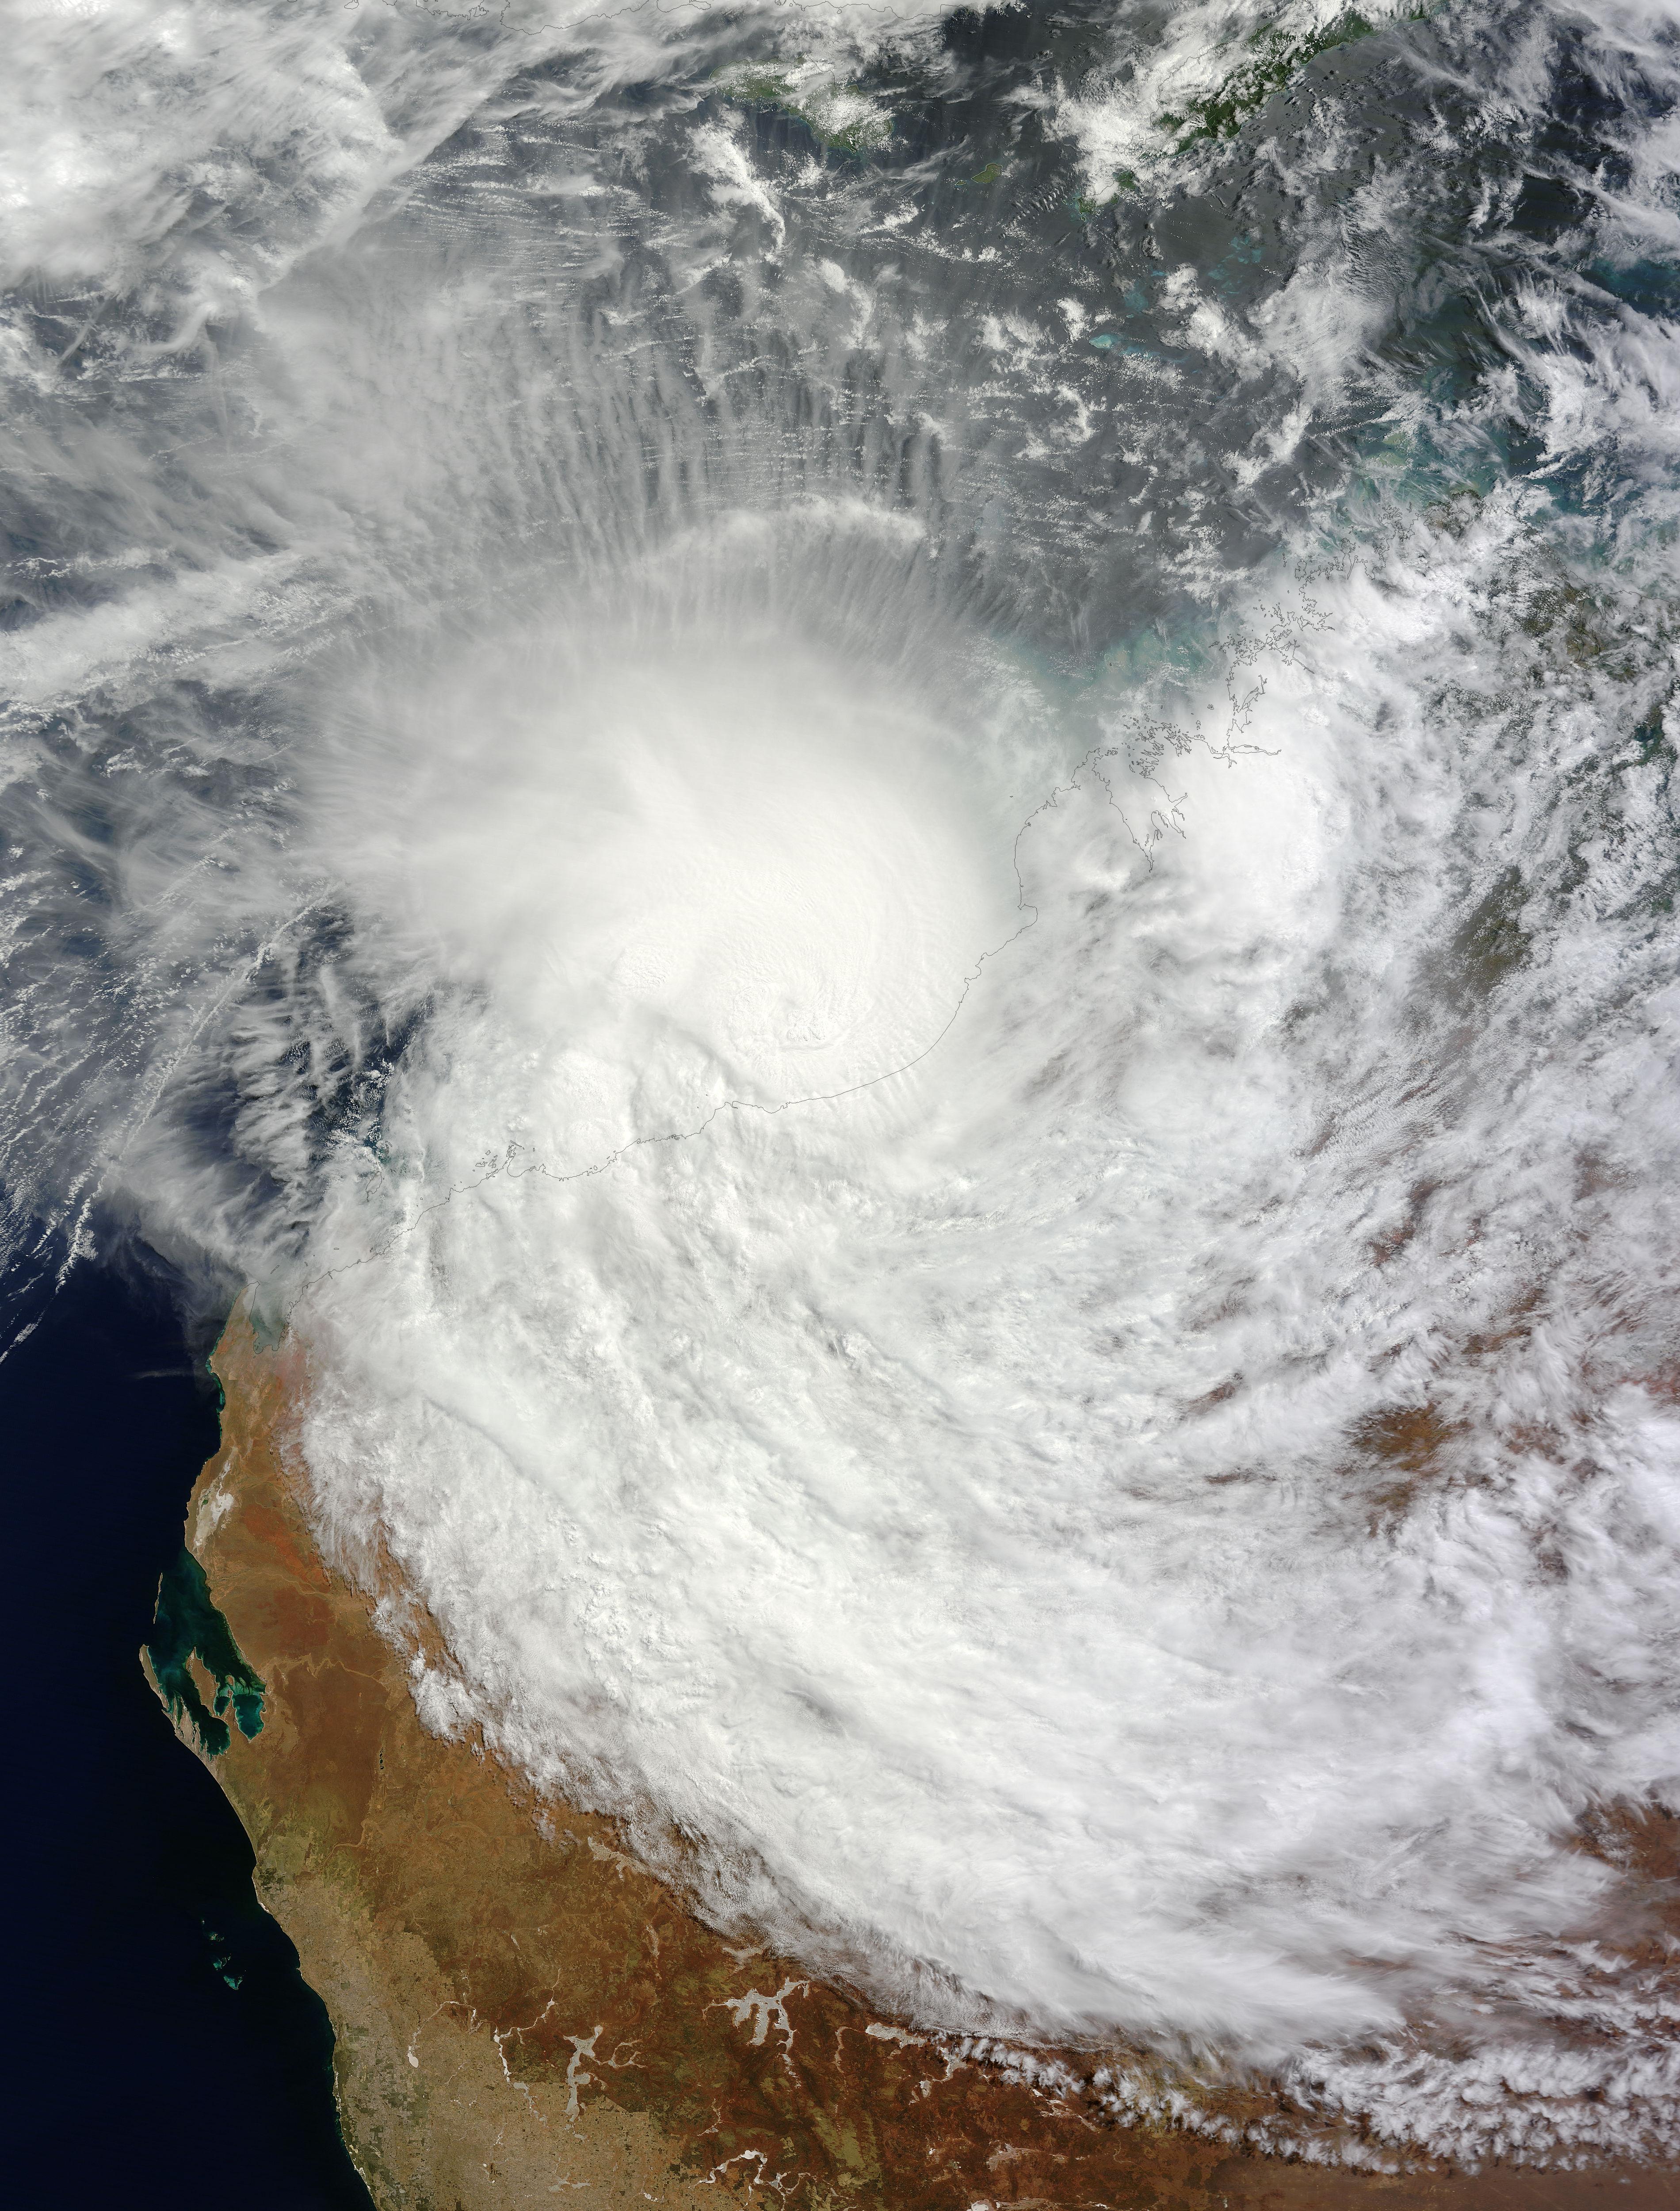 Zyklon LUA ist als Hurrikan über Land gezogen und dabei, sich aufzulösen, Lua, Hurrikanfotos, Australische Zyklonsaison, Australien, 2012, März, Satellitenbild Satellitenbilder,